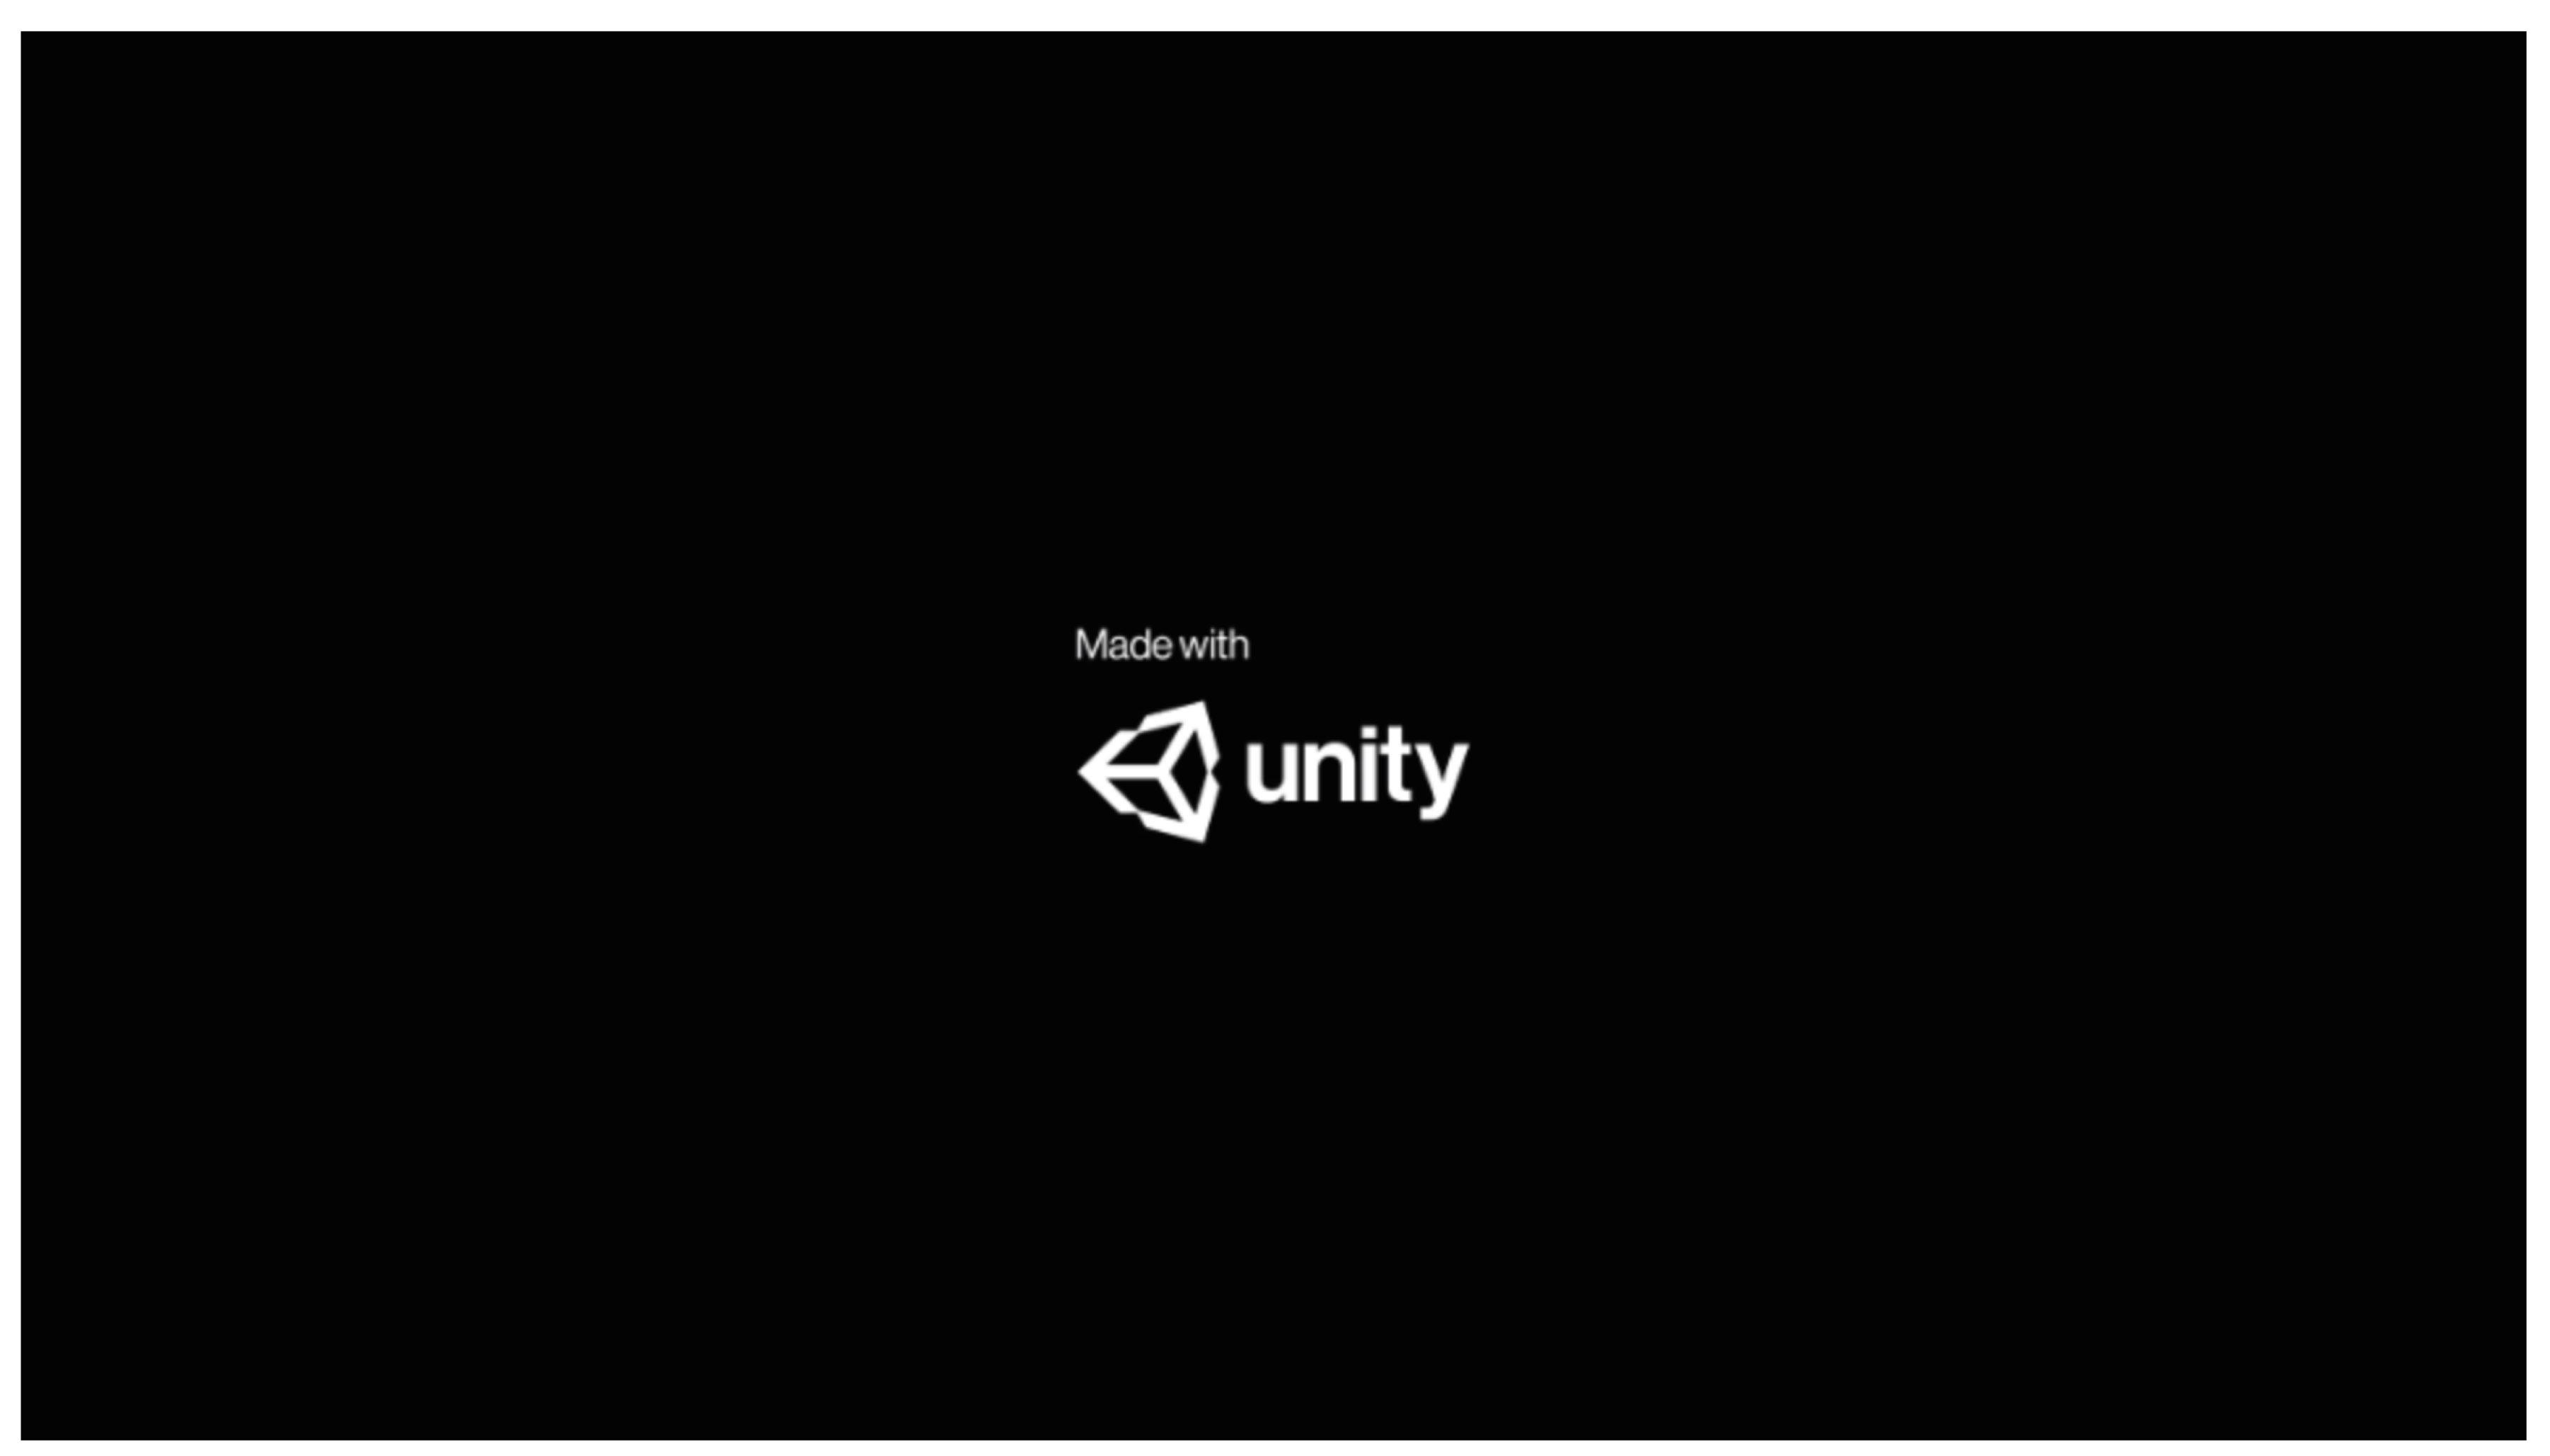 cube | 無料ゲーム投稿サイト unityroom - Unityのゲームをアップロードして公開しよう.jpg